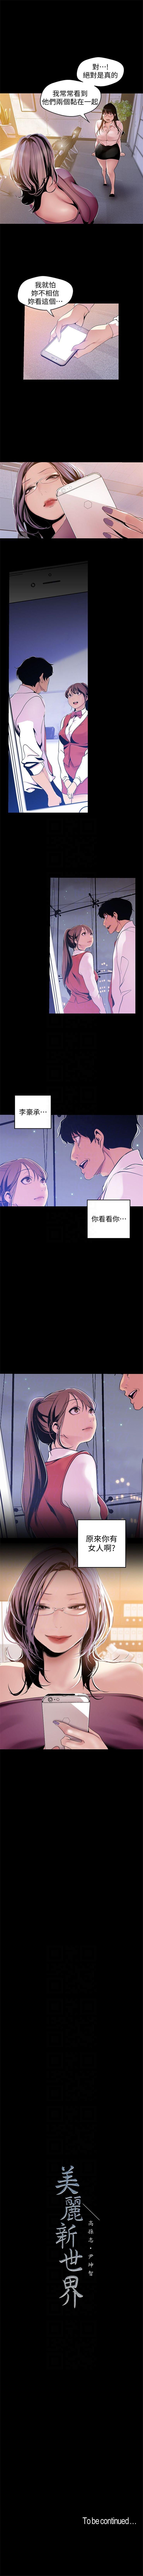 (周6)美丽新世界 1-61 中文翻译 (更新中) 403